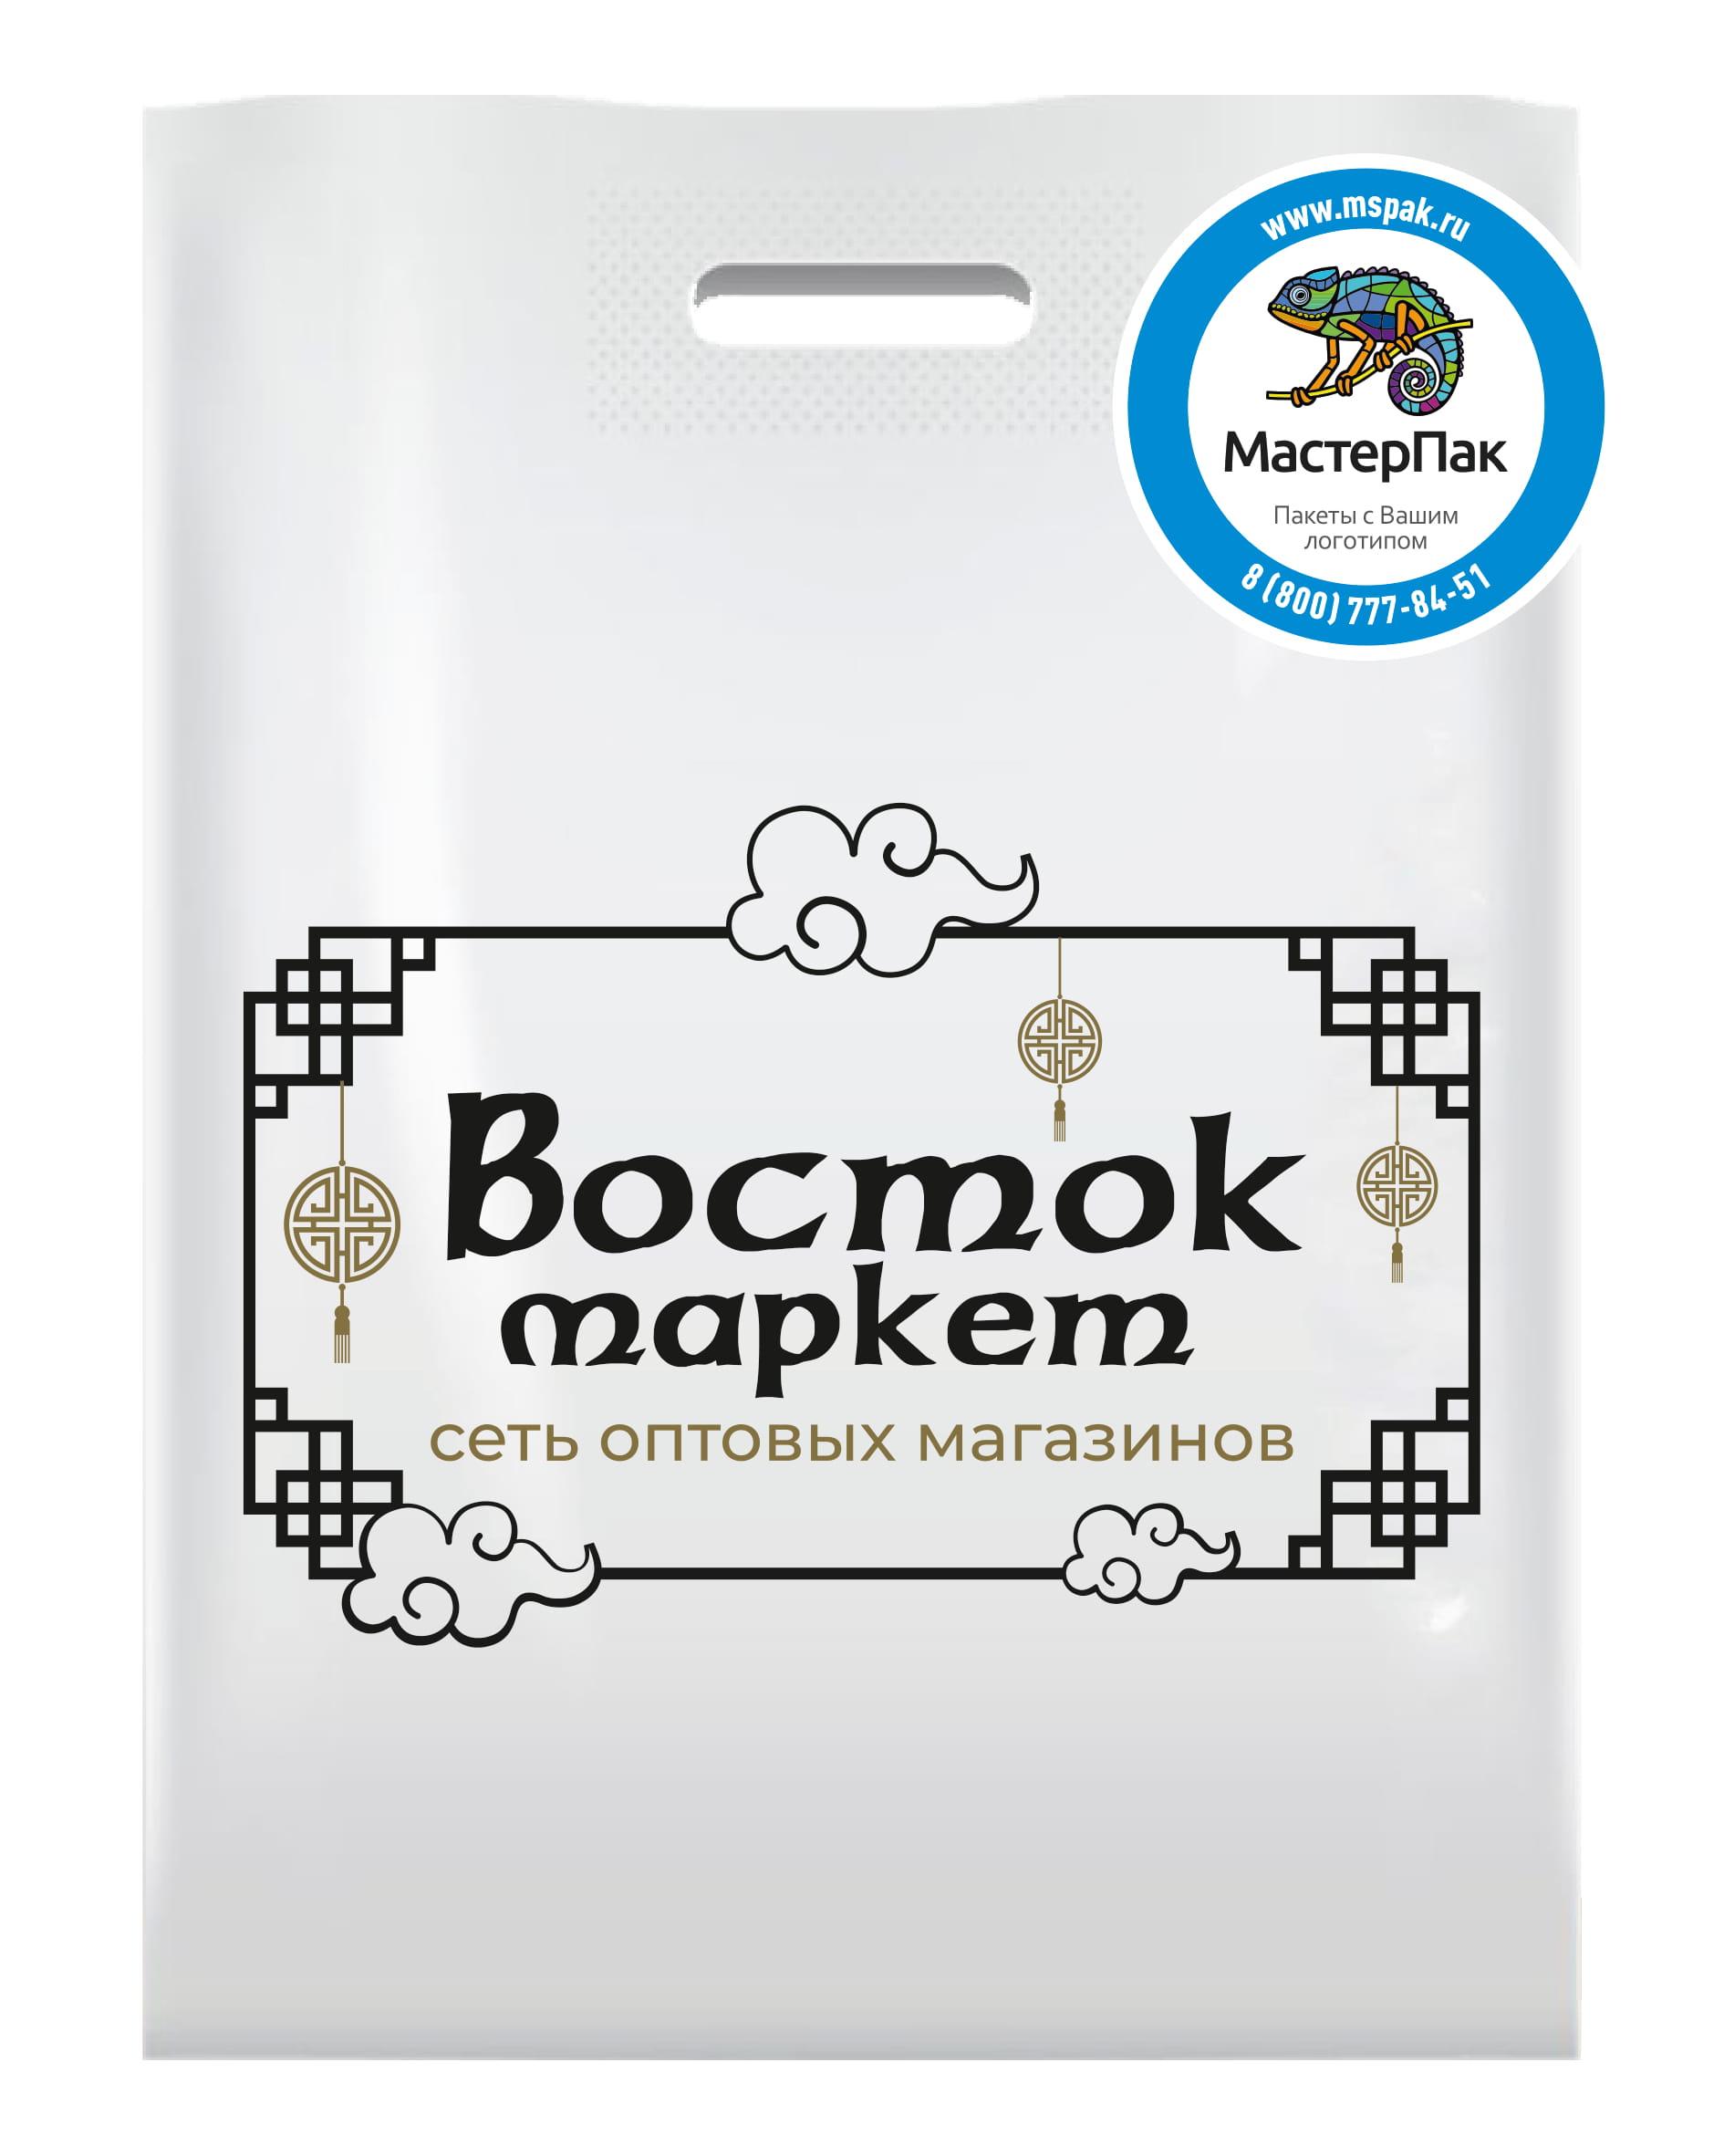 Пакет ПВД с вырубной ручкой и логотипом Восток маркет, 70 мкм, 30*40 см, Новосибирск